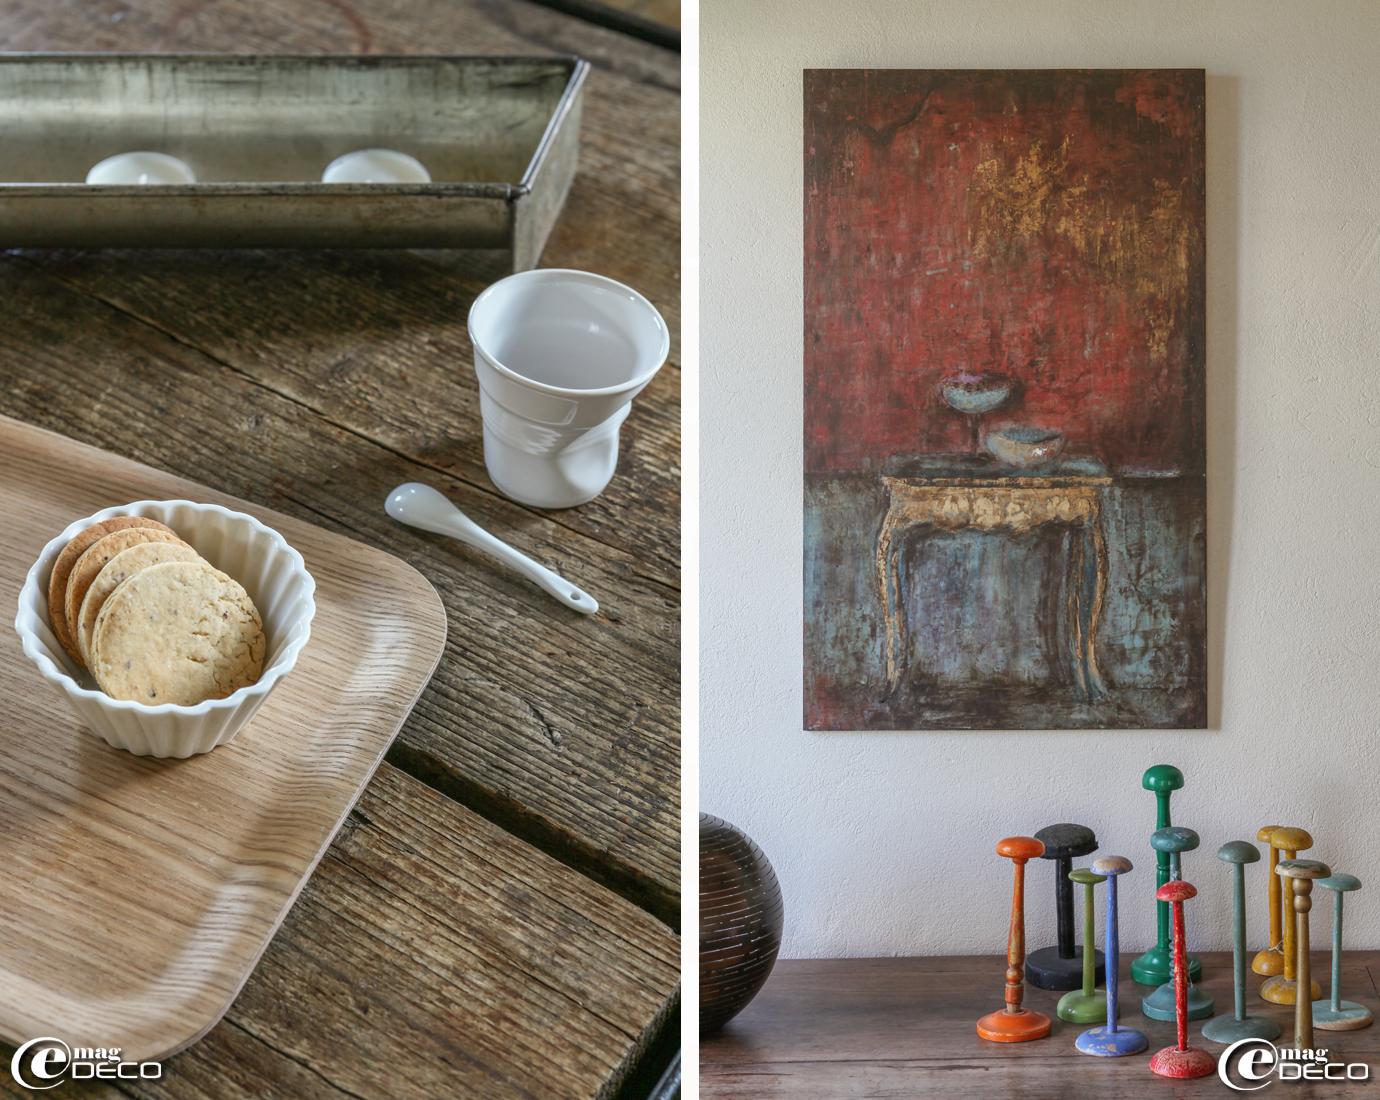 Plateau en bois 'Hema', gobelet froissé en porcelaine 'Revol', toile de l'artiste peintre Diane de Valou et collection de porte-chapeaux colorés